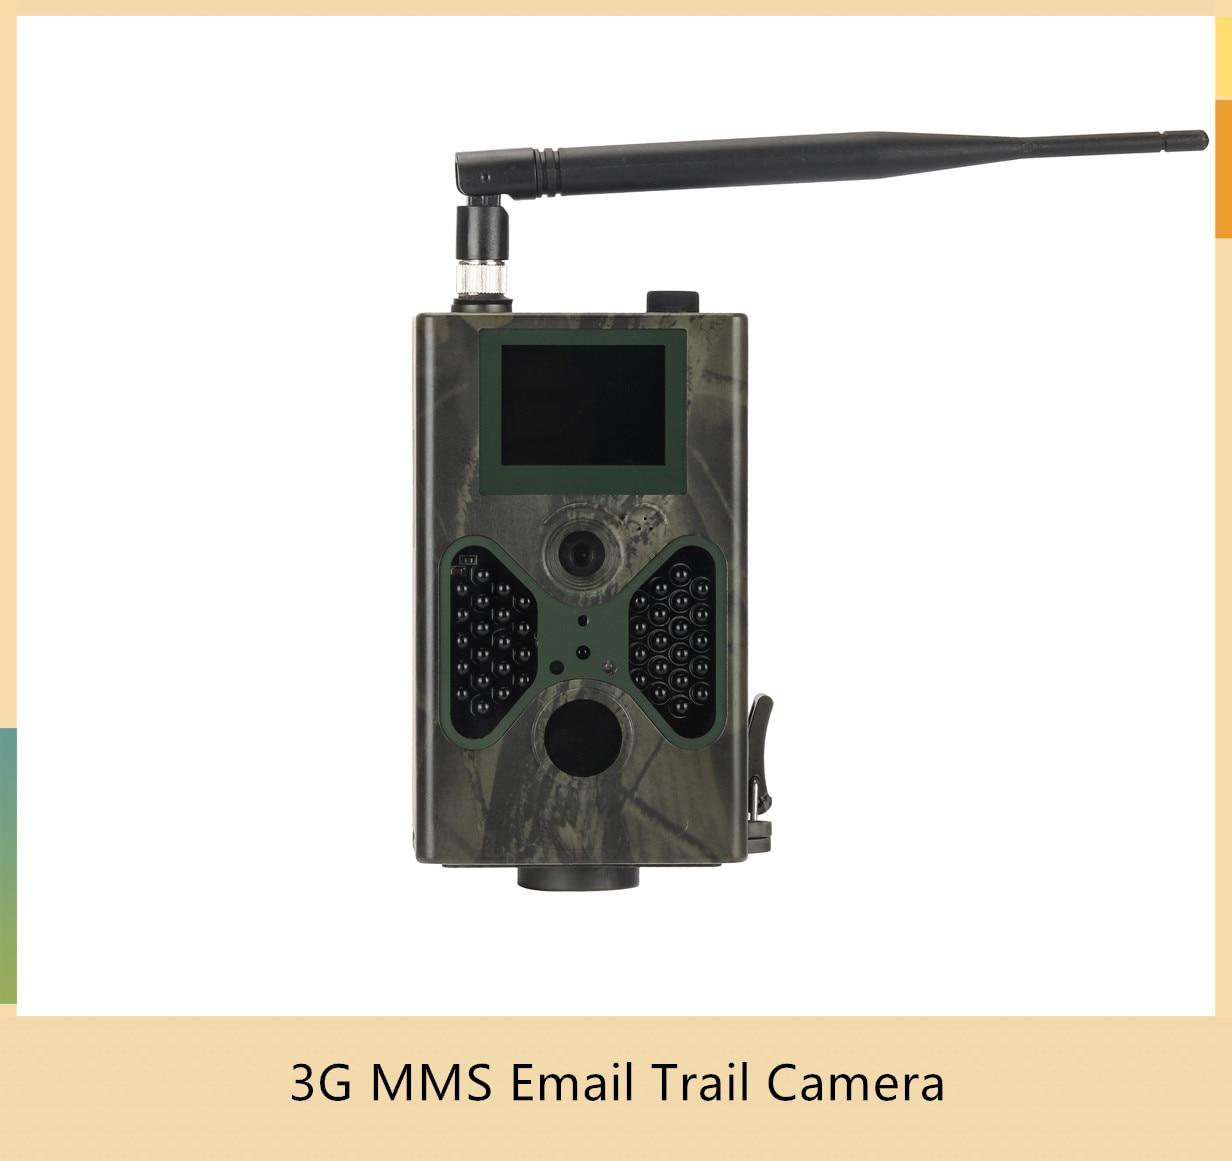 3G MMS SMTP Trail камера 16MP ночного видения беспроводная охотничья камера для дикой природы HC330G SMS сотовая Мобильная камера наблюдения